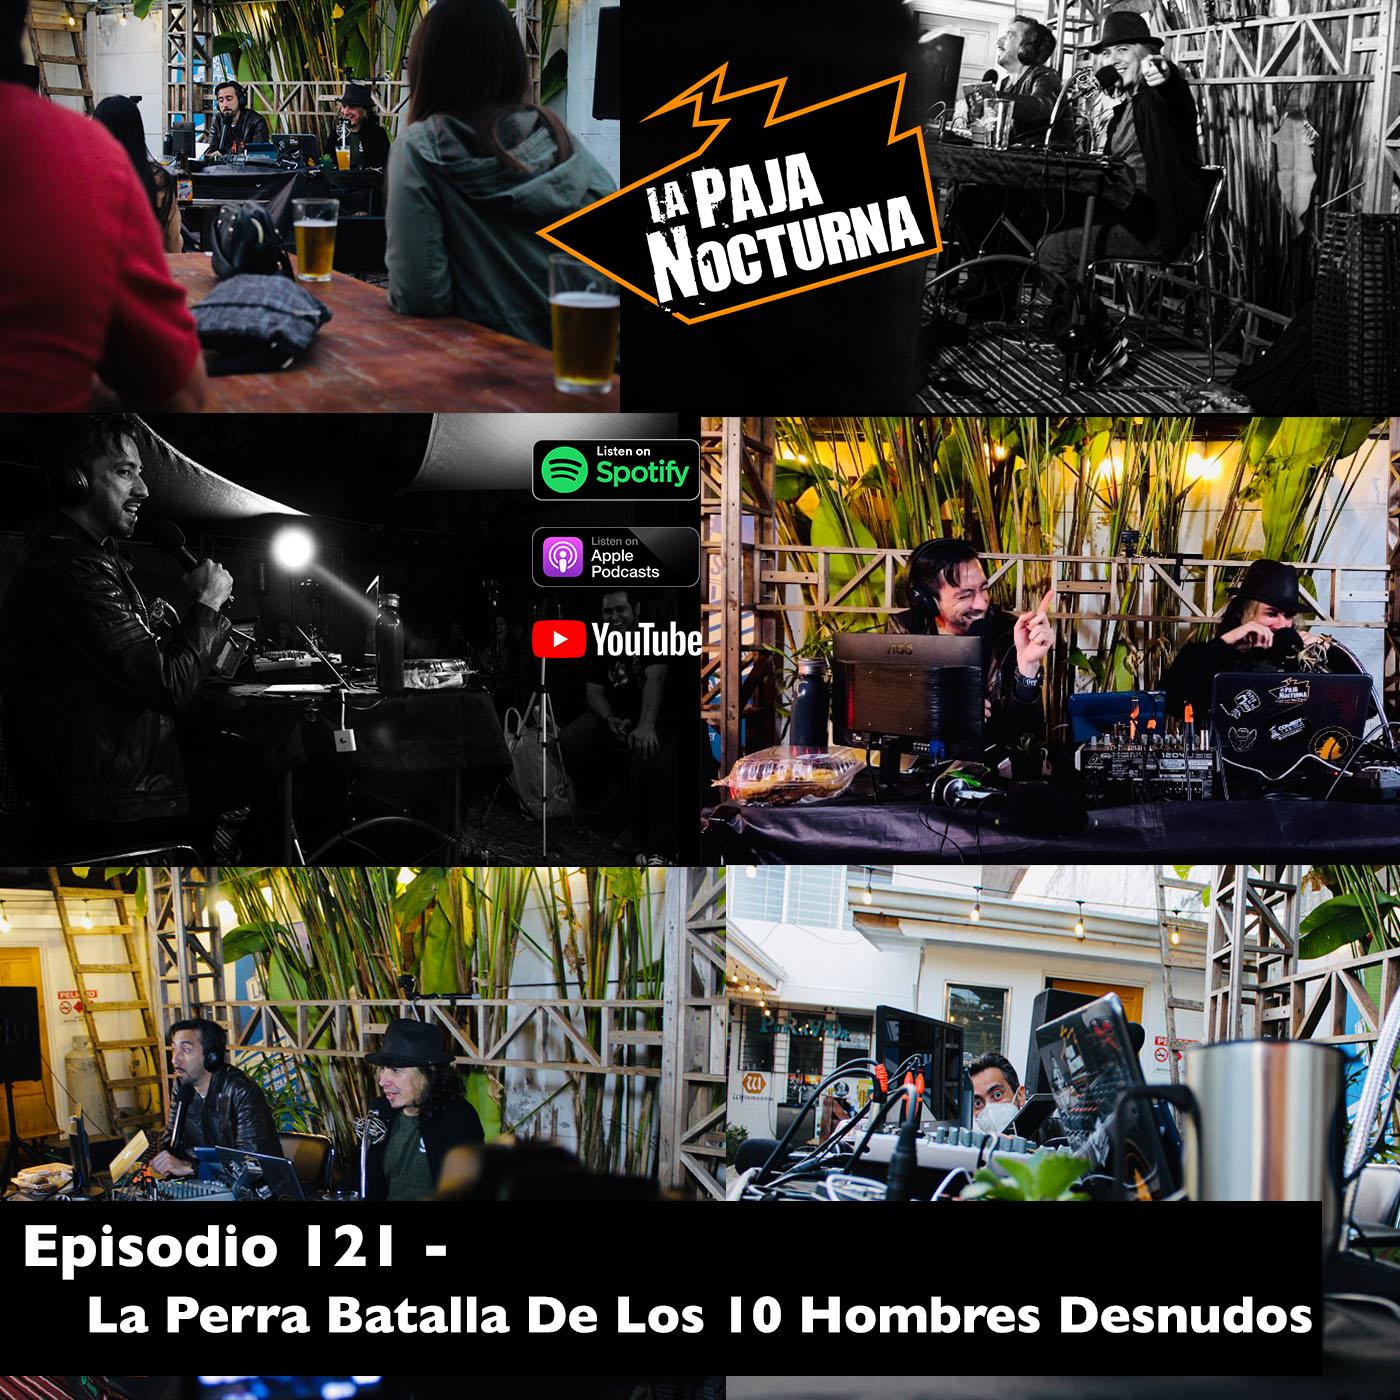 La paja nocturna podcast Episodio 121